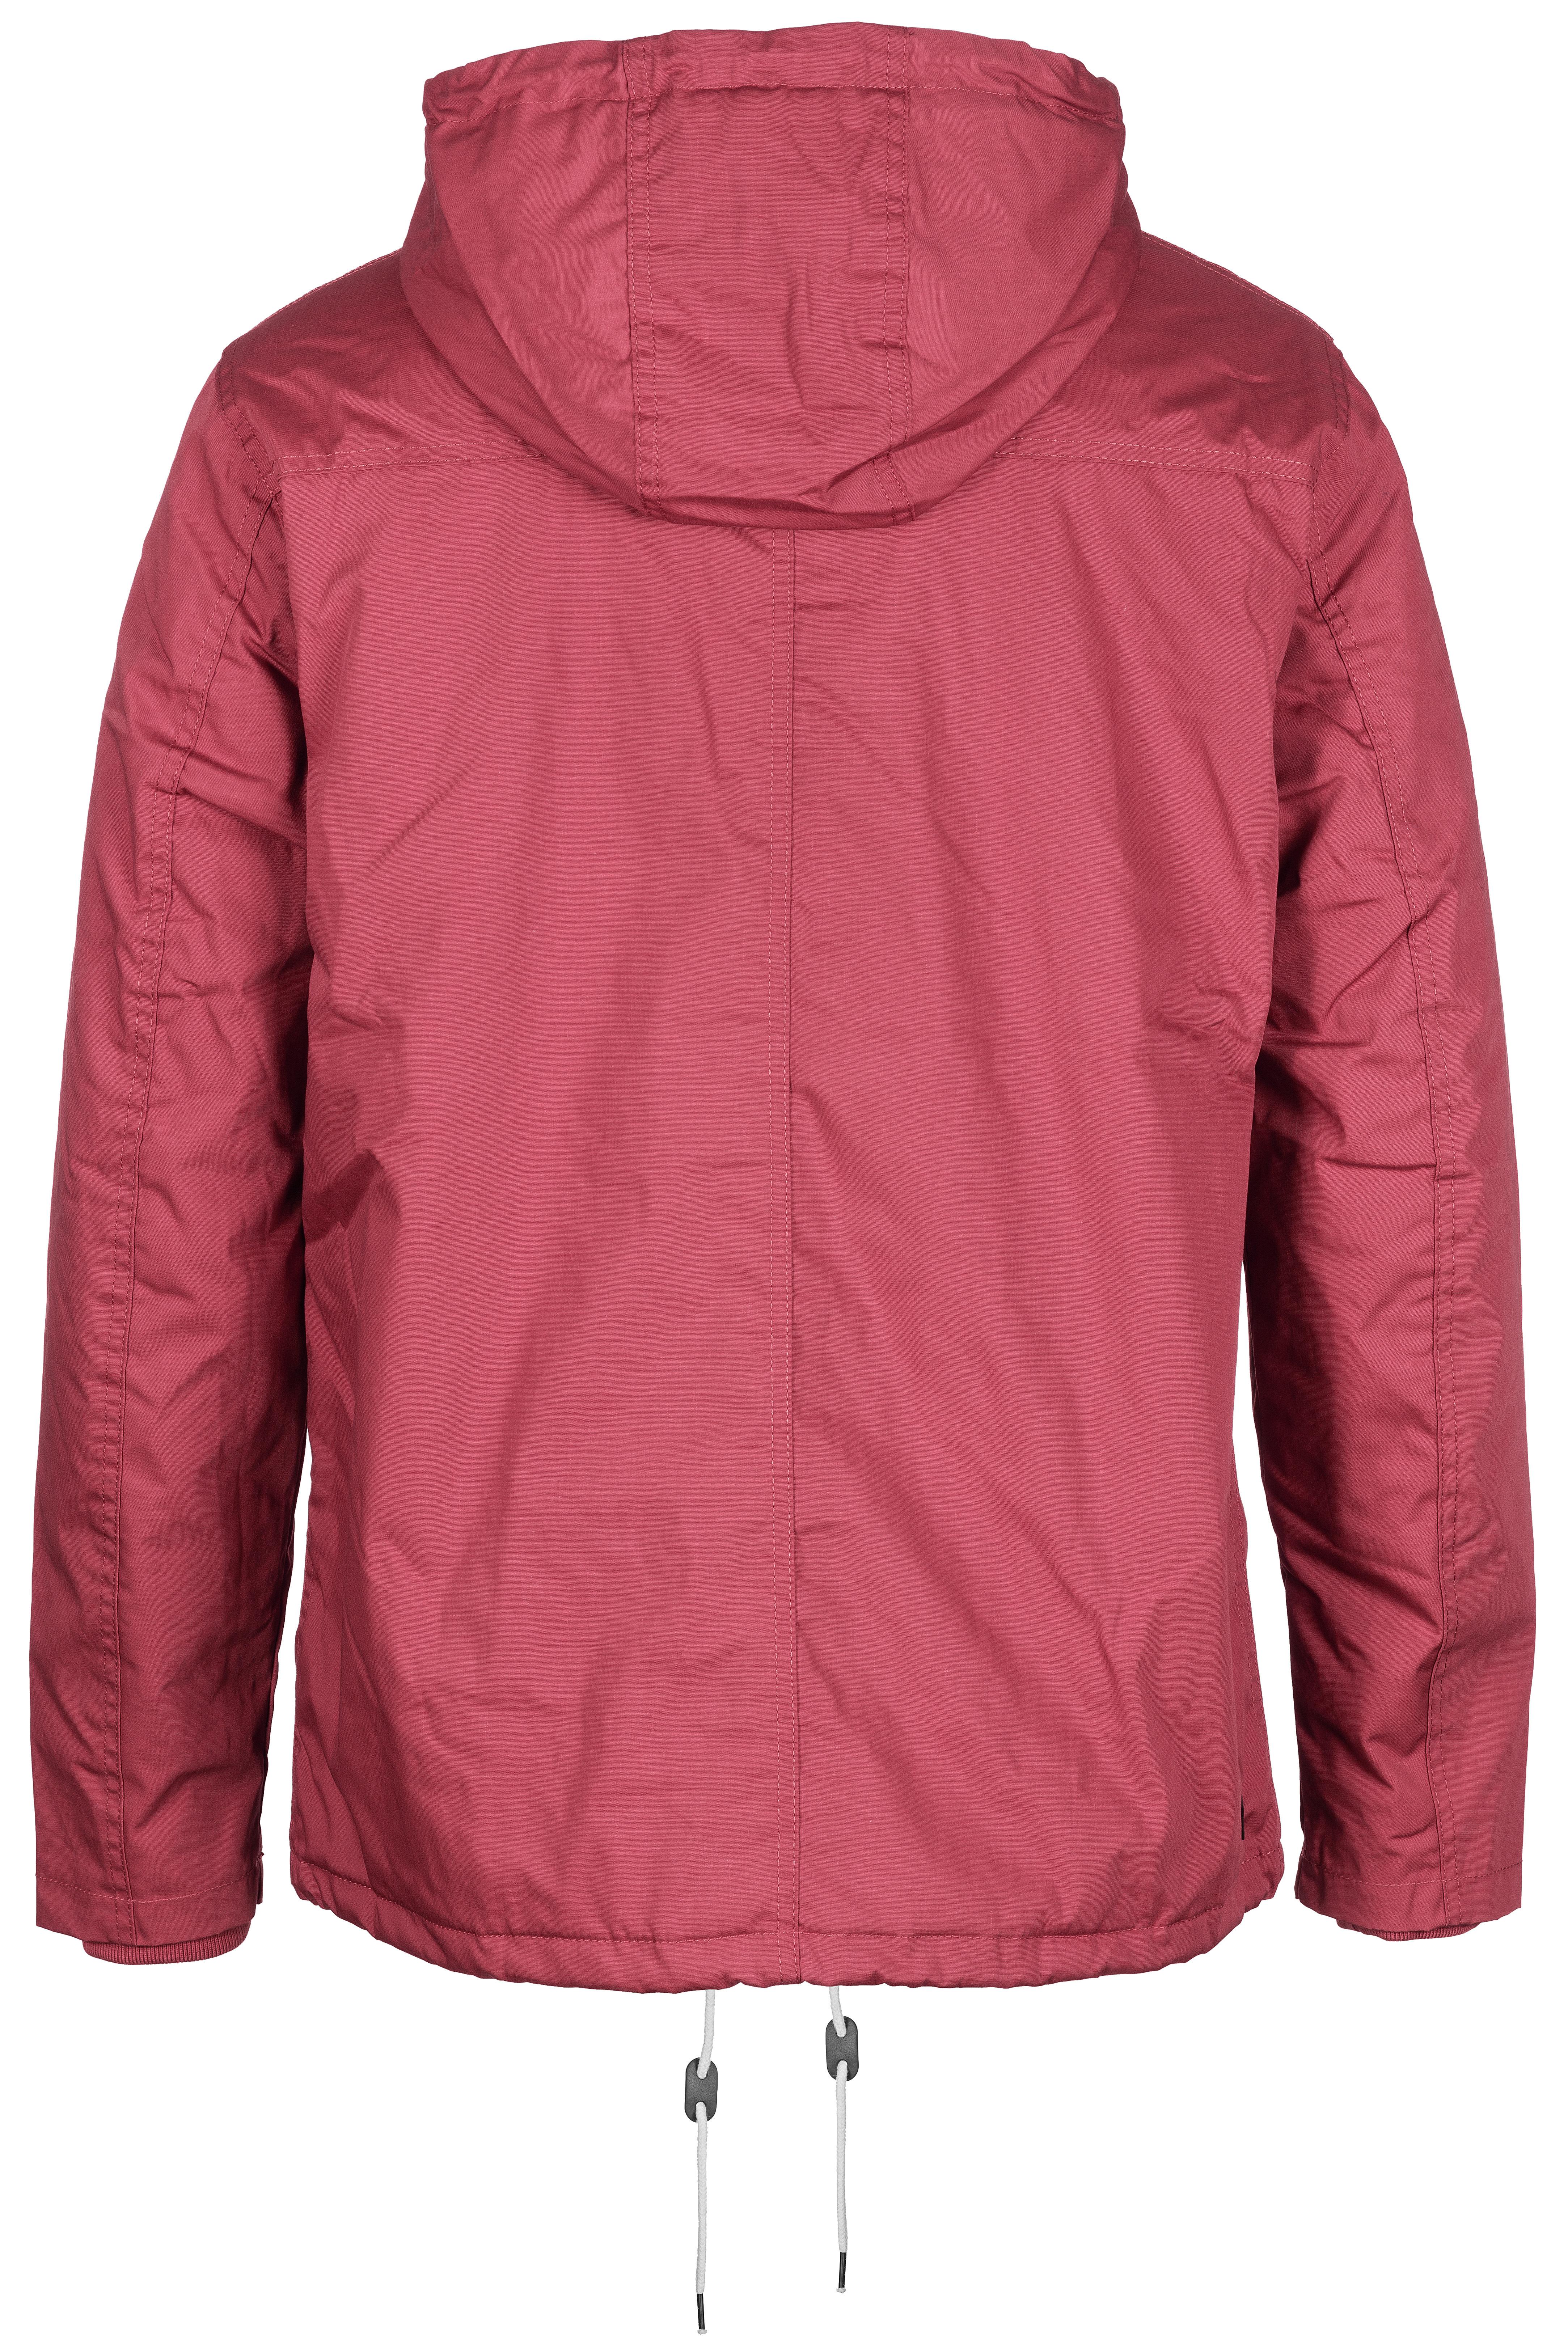 Custom made jackets (12)